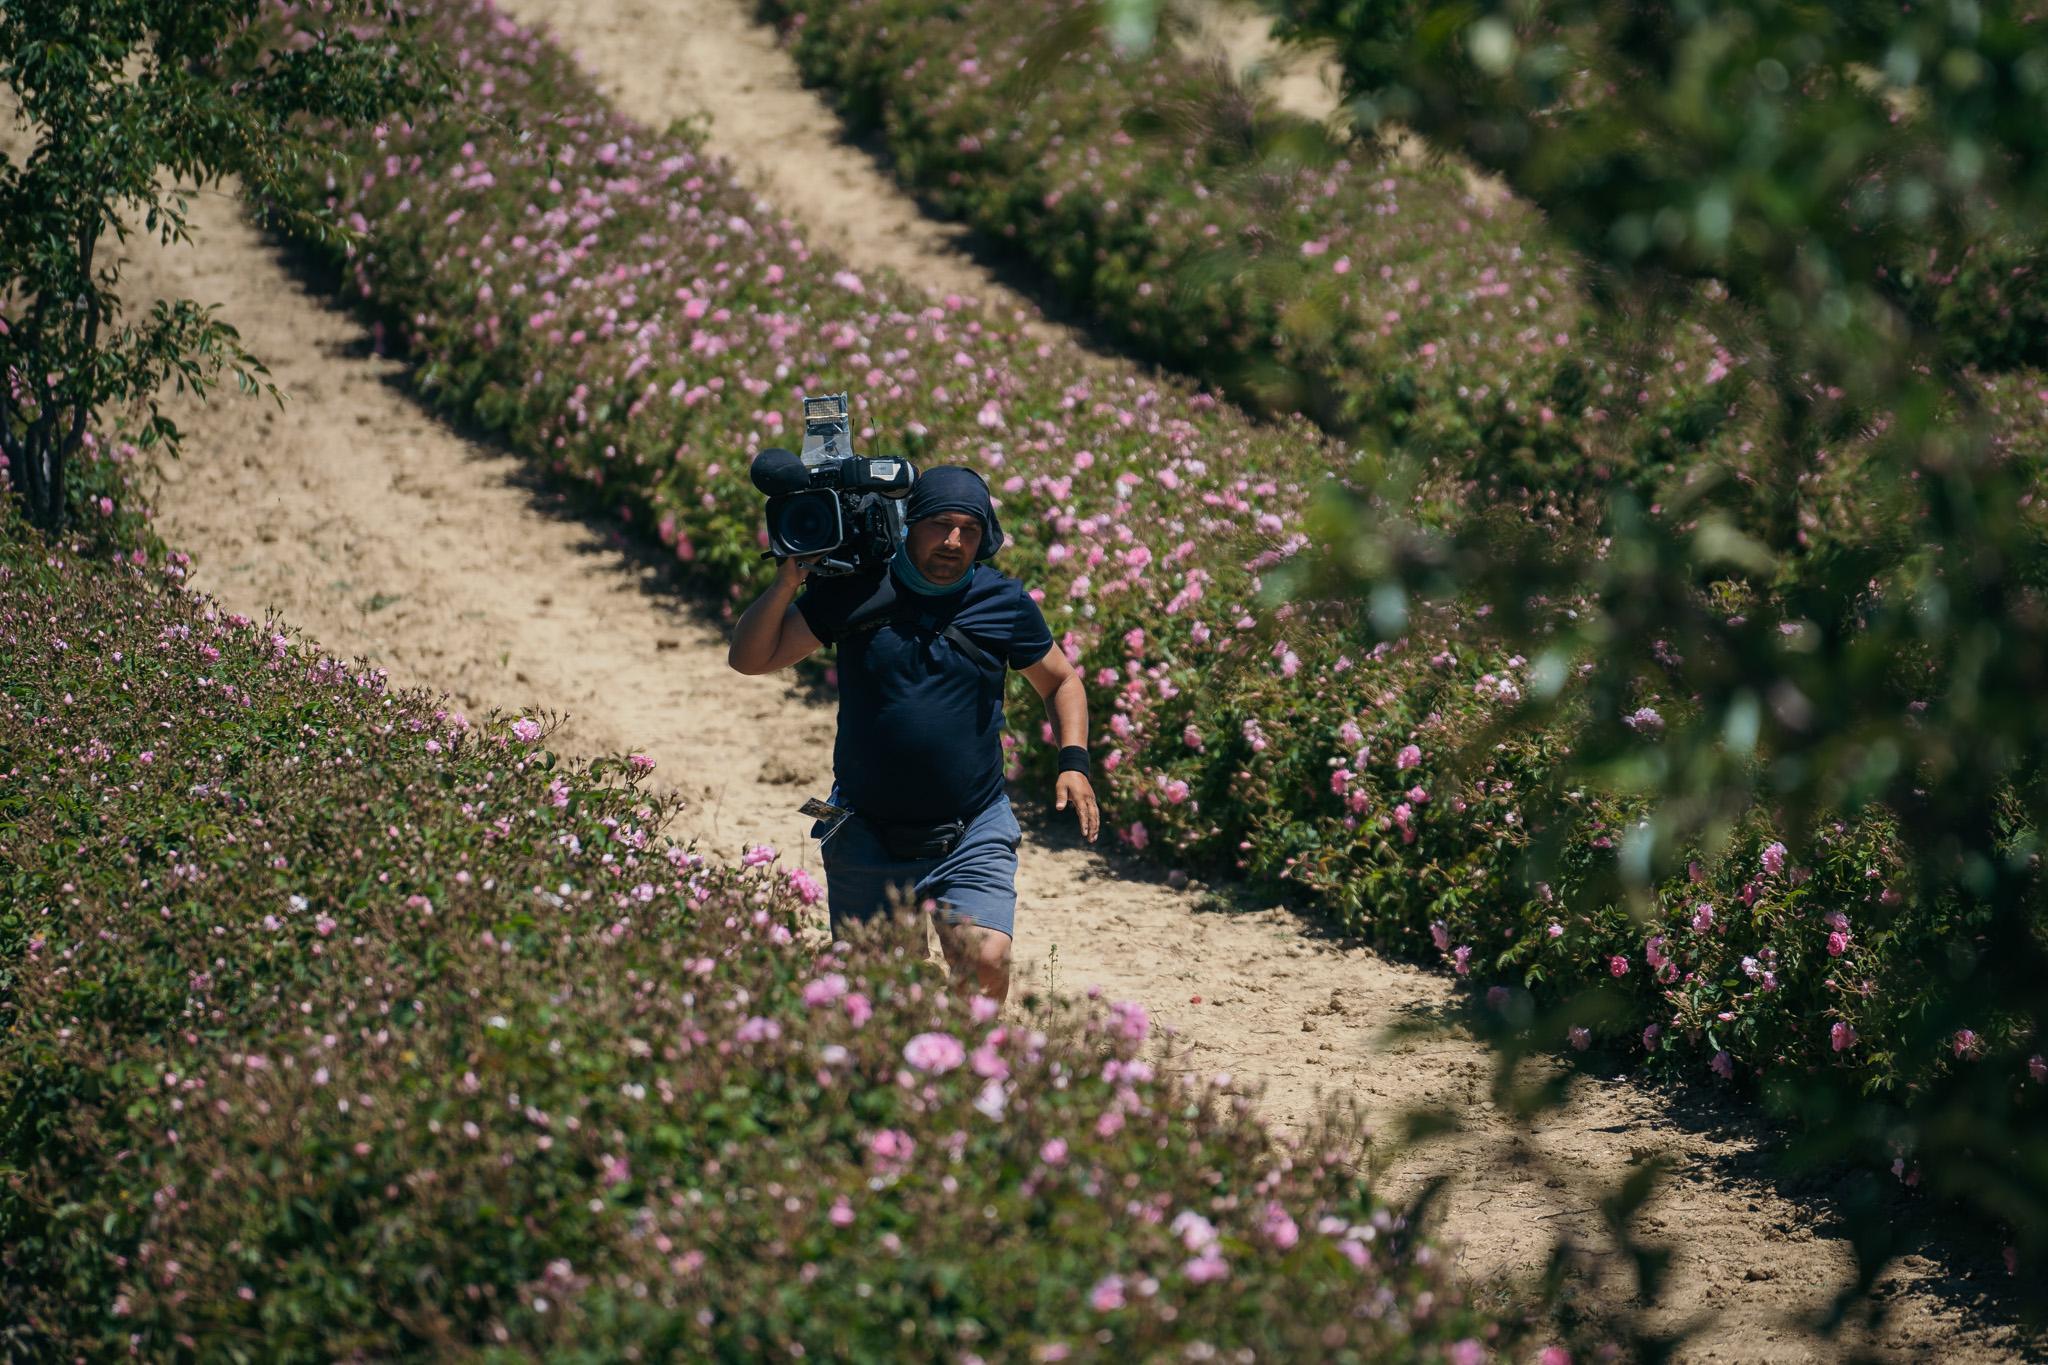 Fotoreportaj Asia Express, episodul 7. Provocările prin care trec oamenii din spatele camerelor de filmat